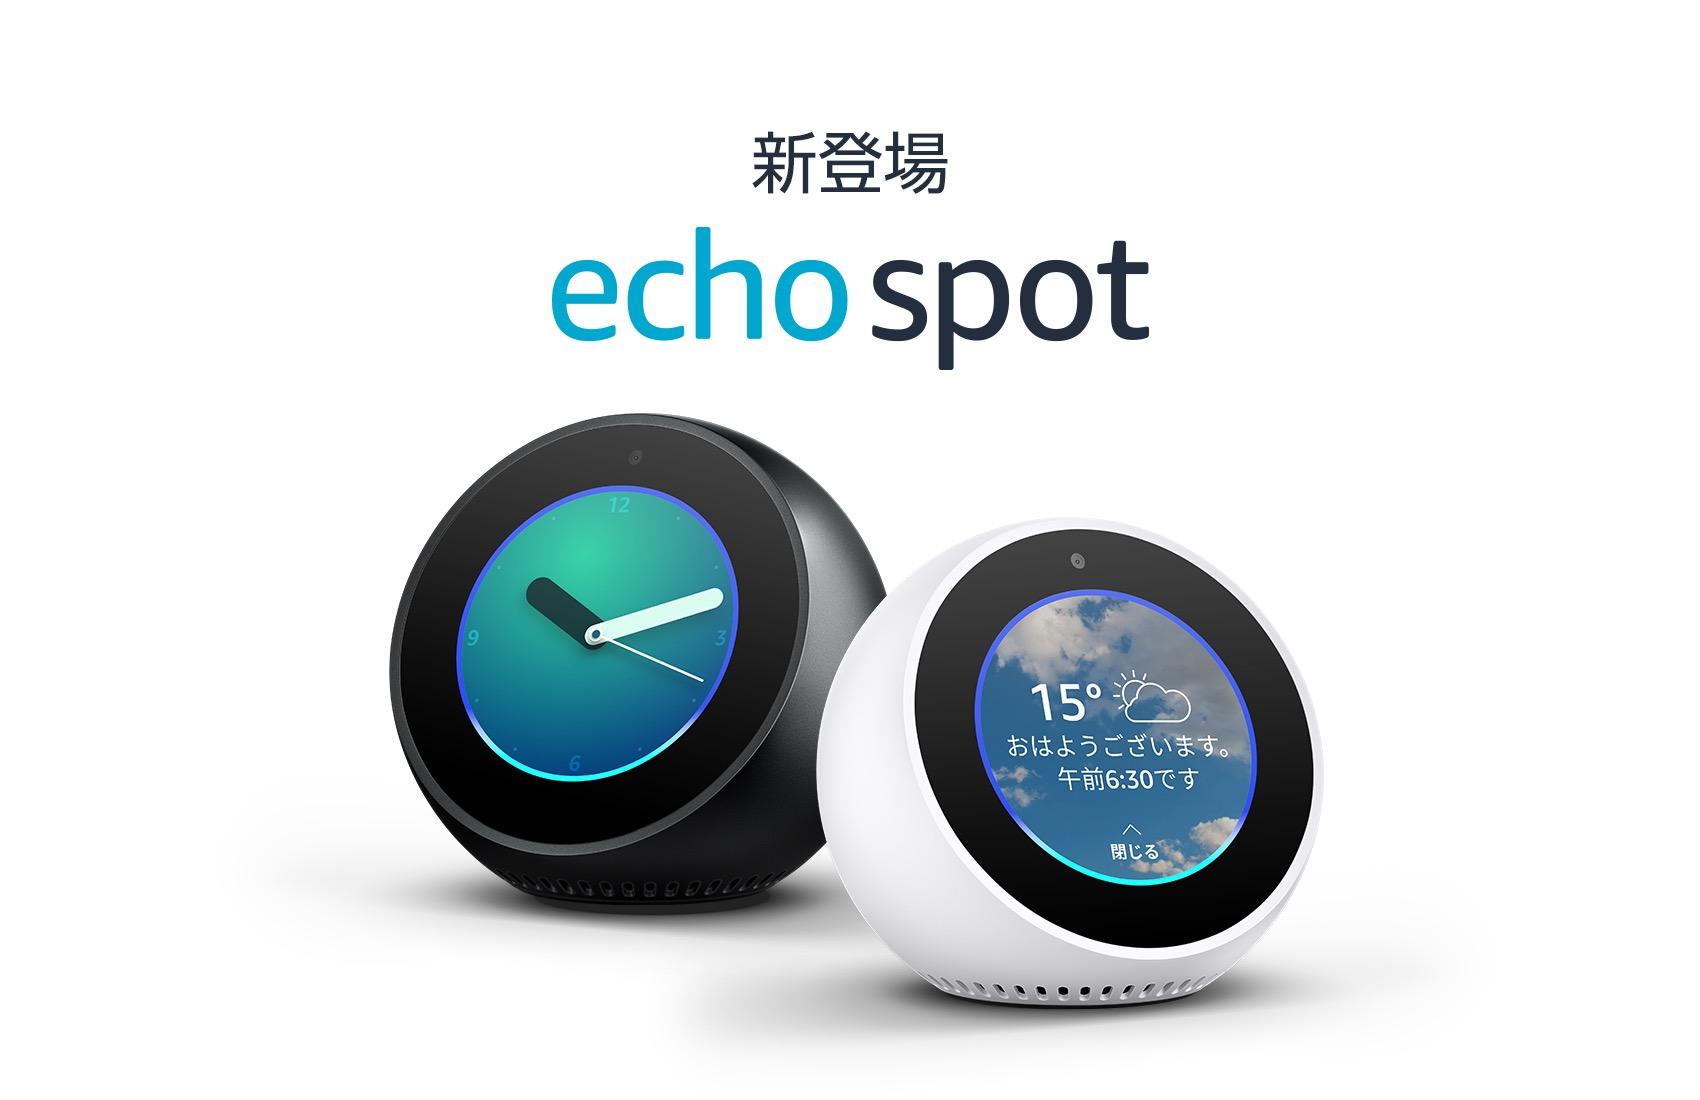 画面付きスマートスピーカー「Amazon Echo Spot」が日本上陸。2台目の半額セールも